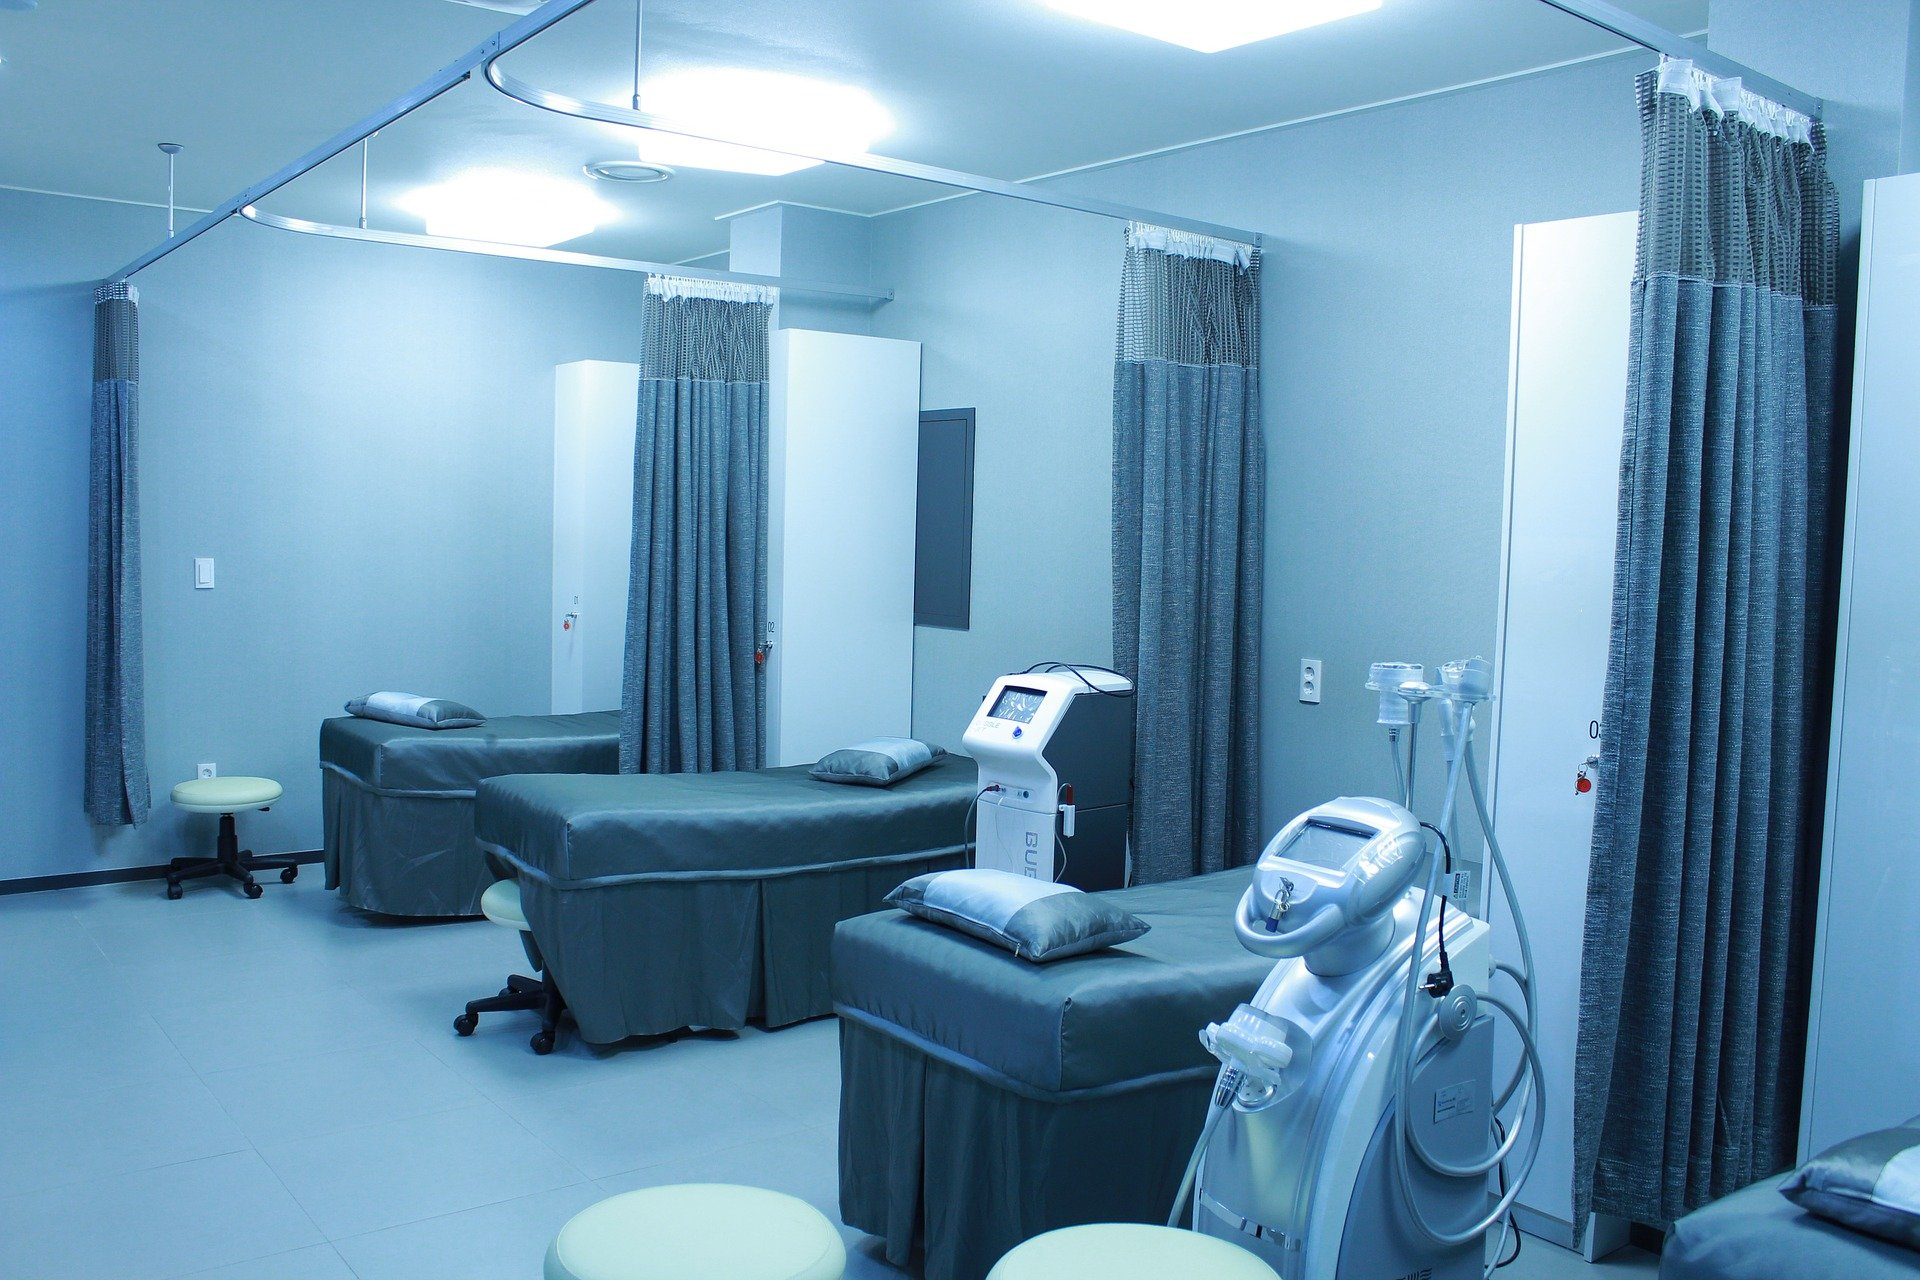 Новую поликлинику построят в поселке Новинки Нижнего Новгорода за 375 млн рублей - фото 1